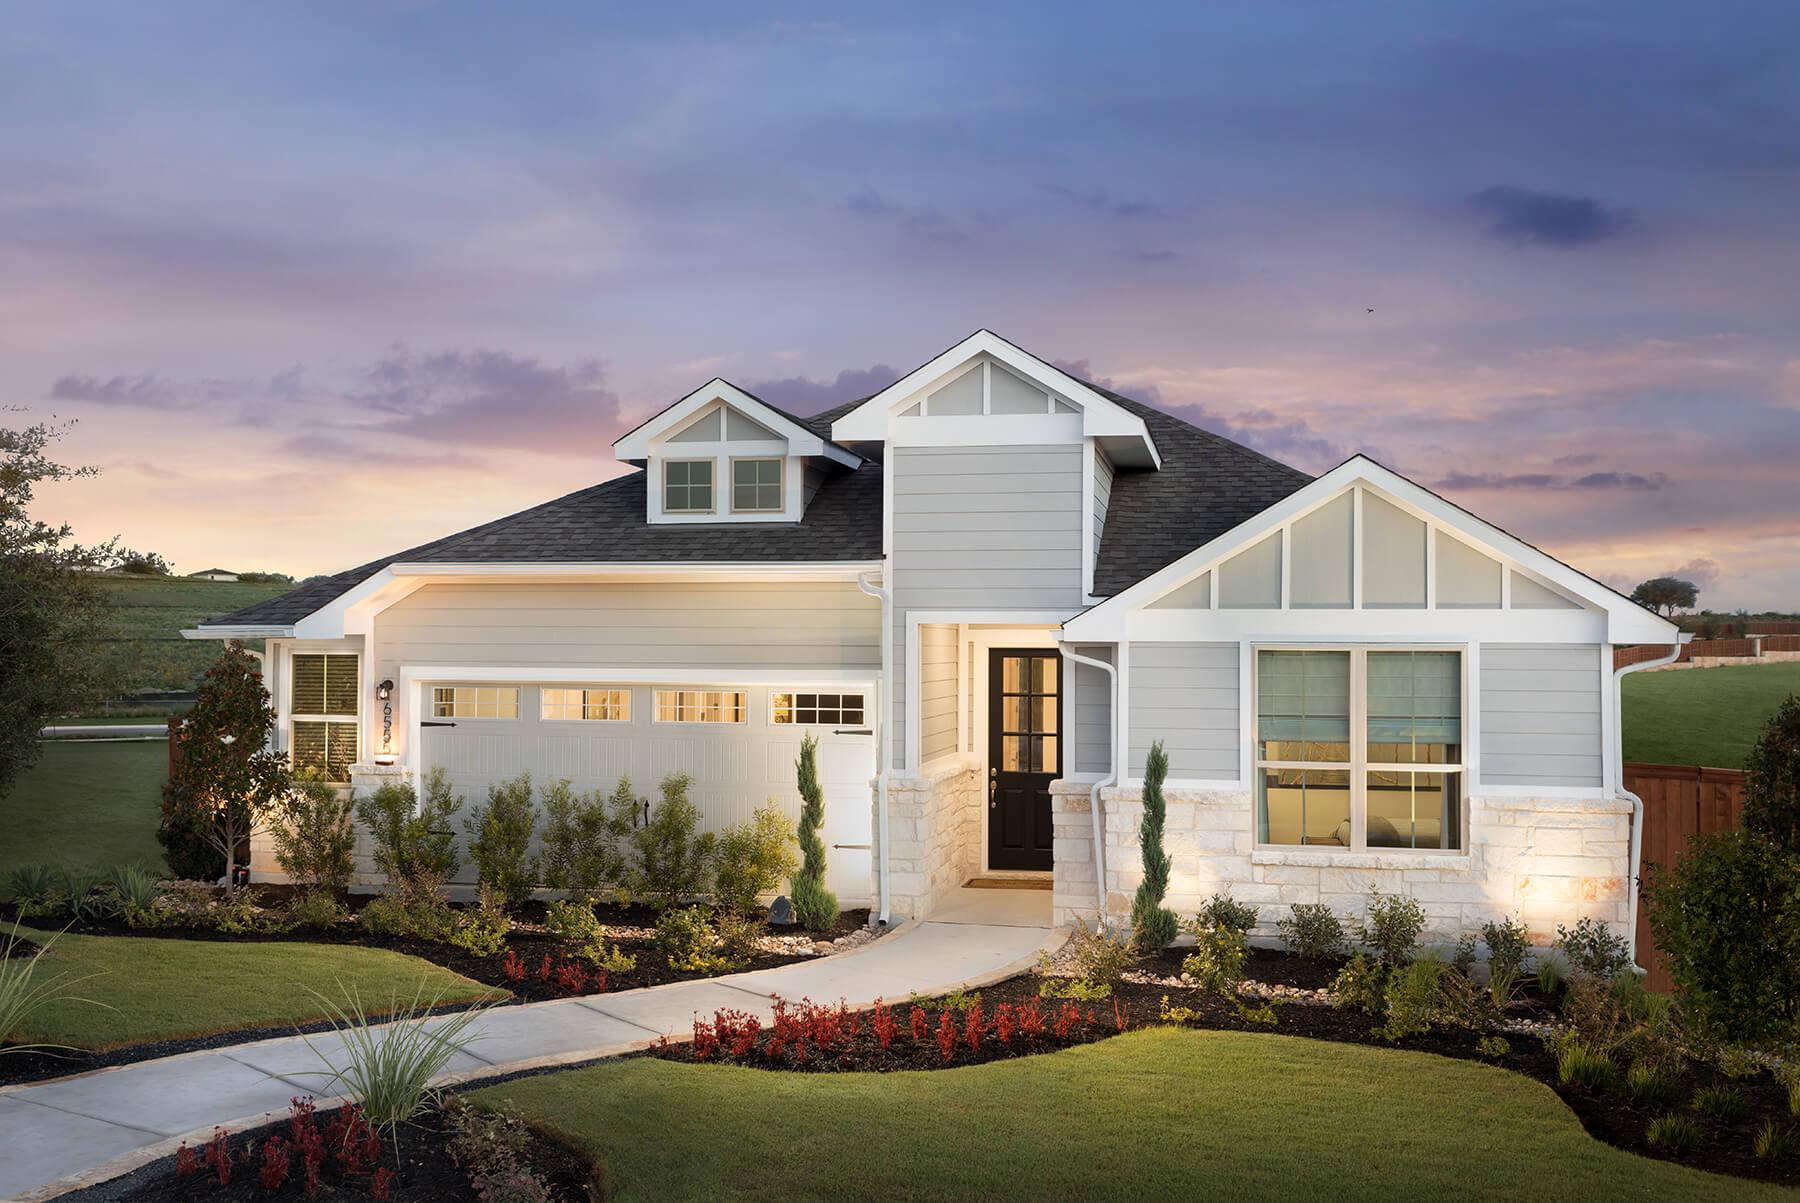 Homestead New Homes For Sale In Schertz Cibolo Near San Antonio Tx